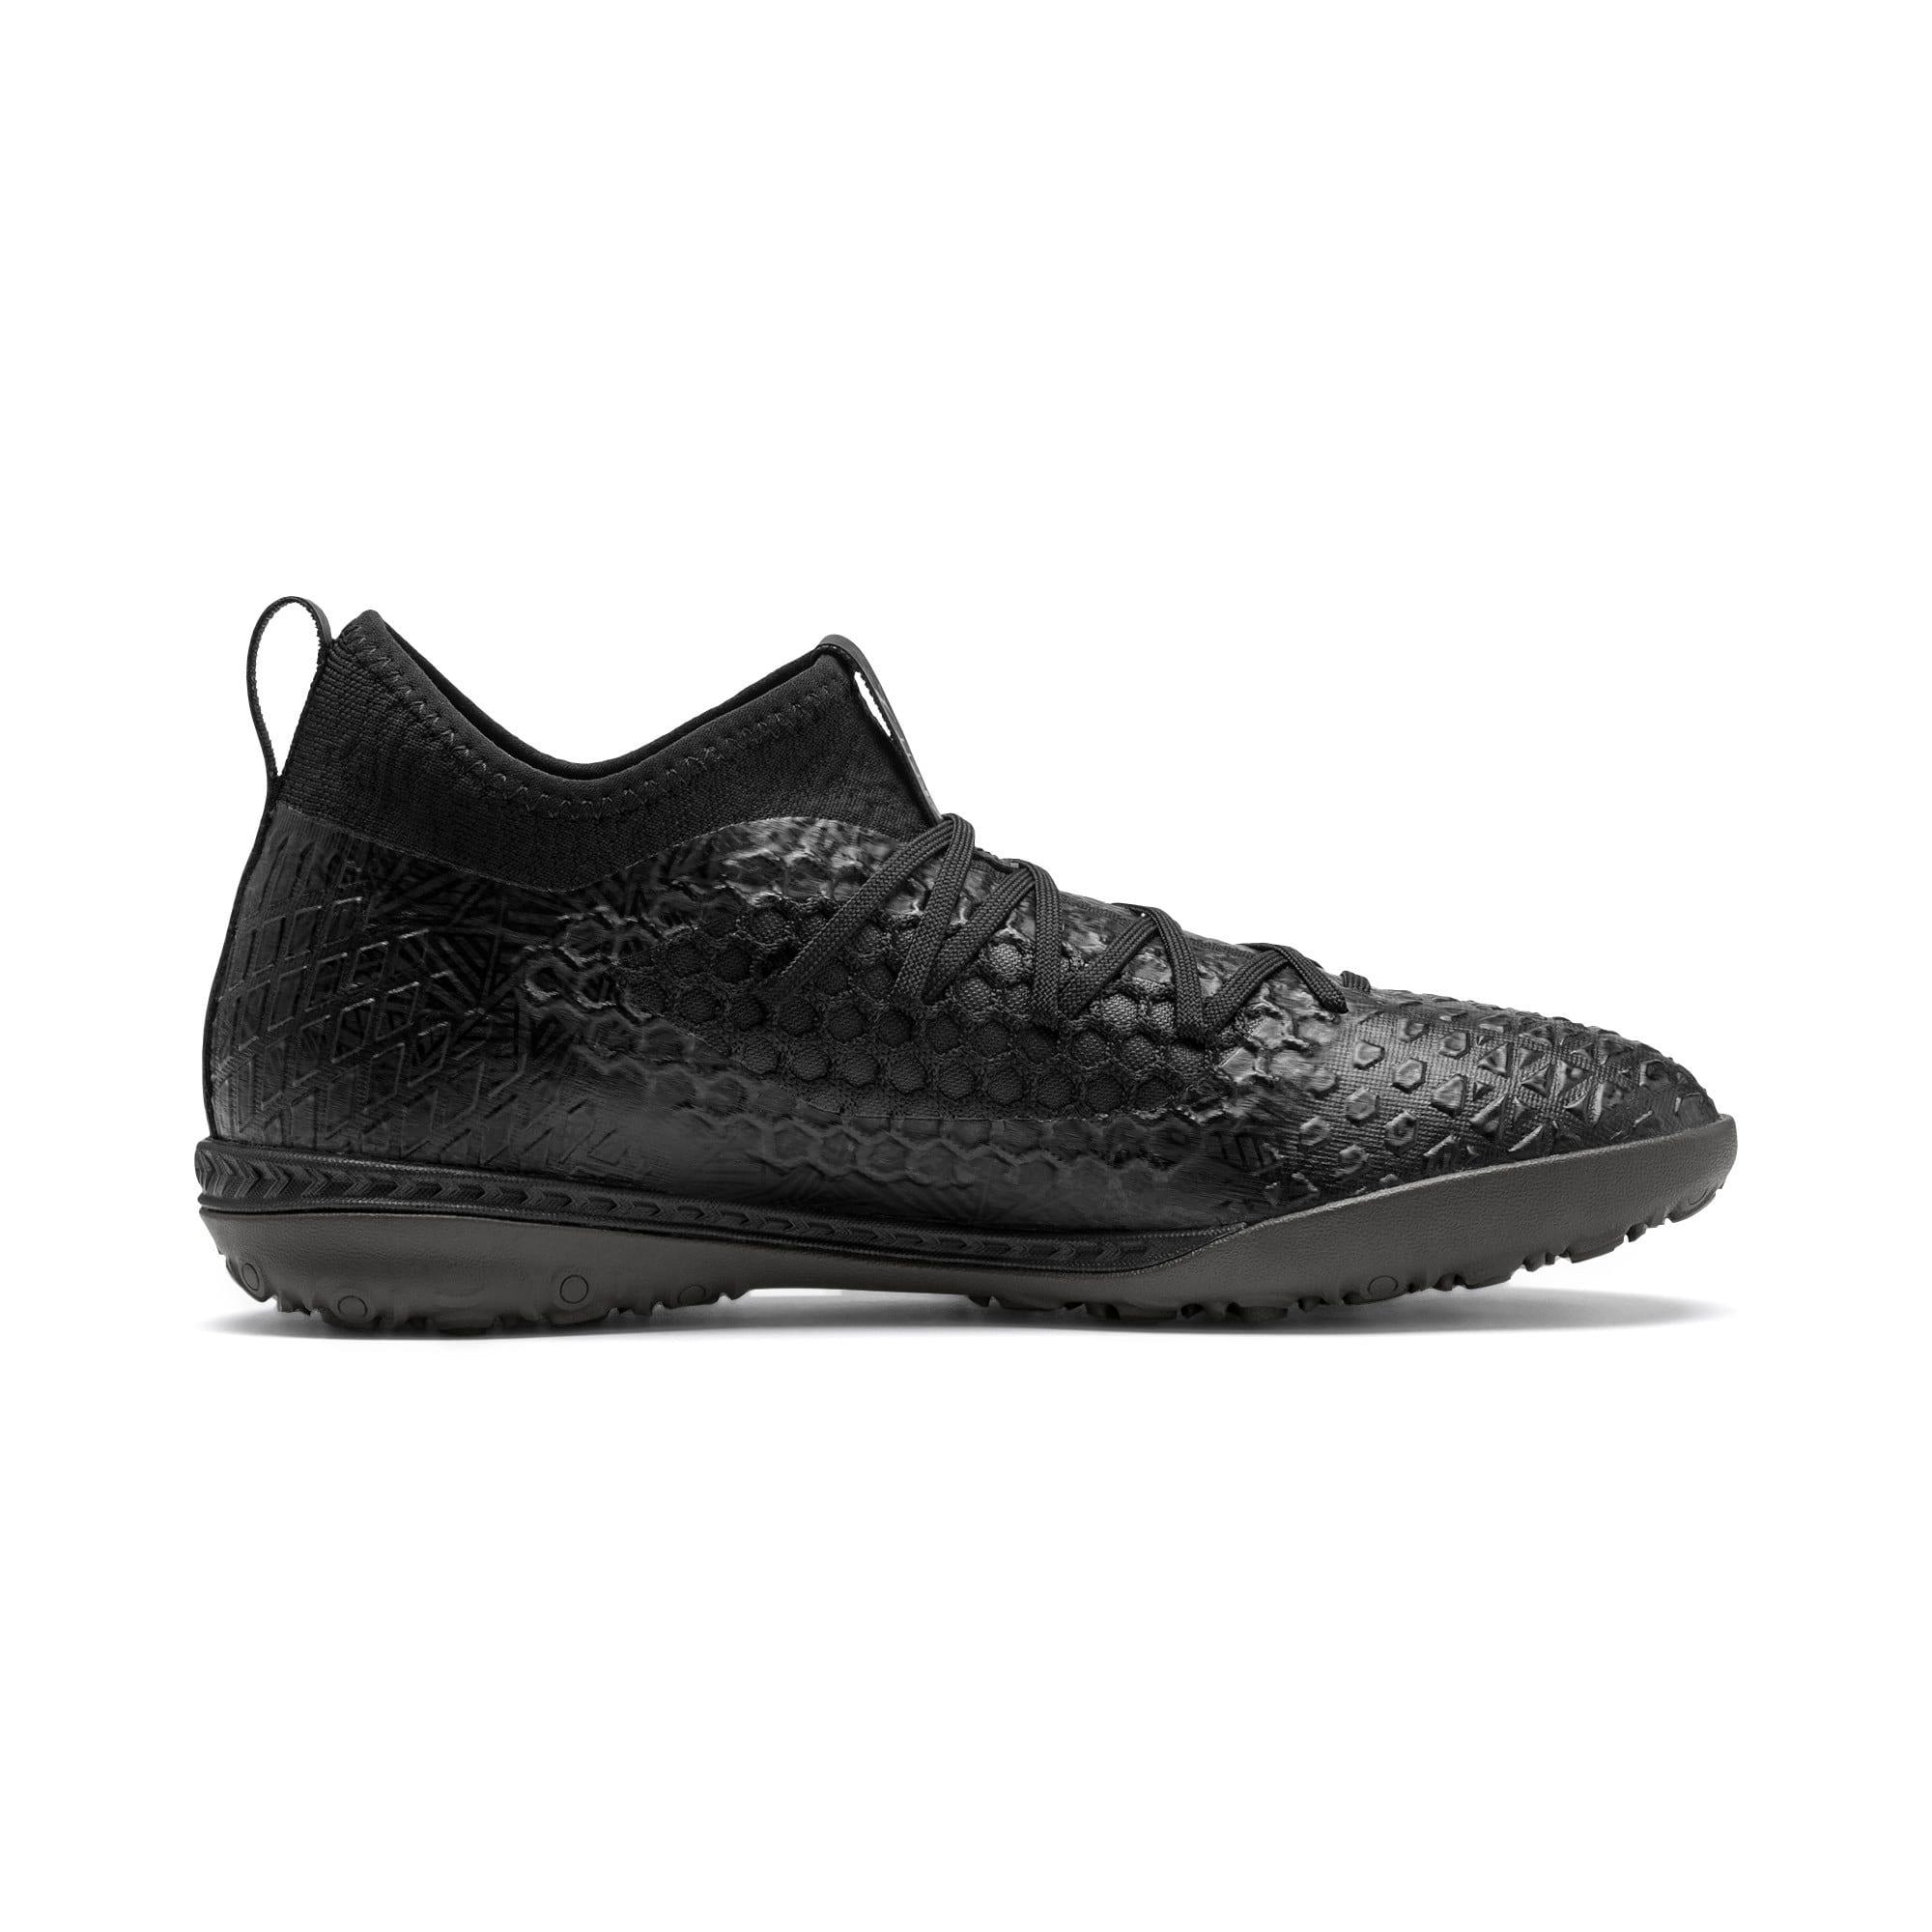 Thumbnail 6 of FUTURE 4.3 NETFIT TT Men's Soccer Shoes, Black-Black-Puma Aged Silver, medium